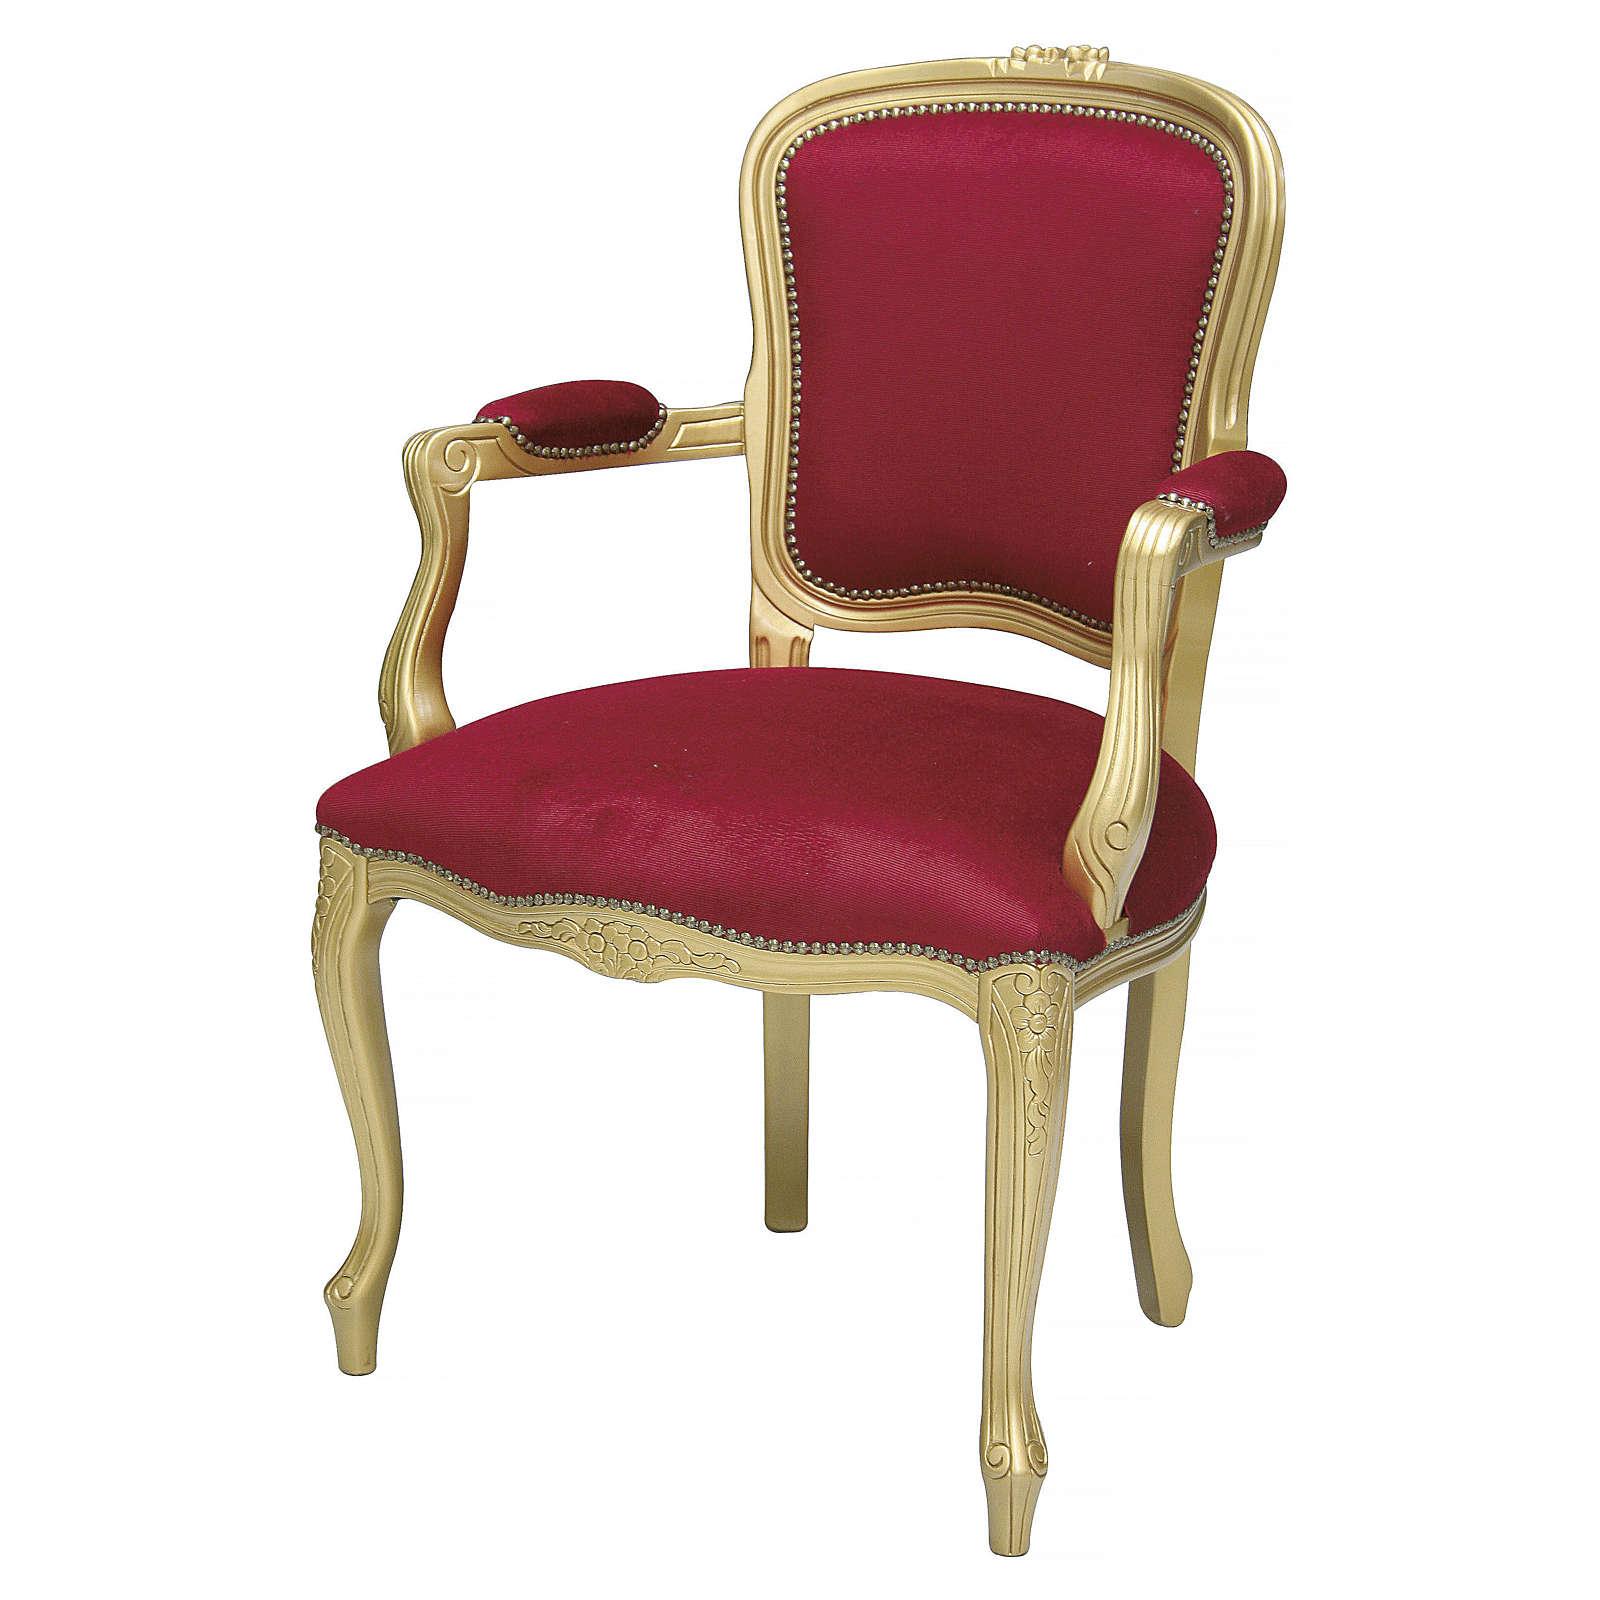 Fotel barokowy orzech włoski listek złota aksamit czerwony 4